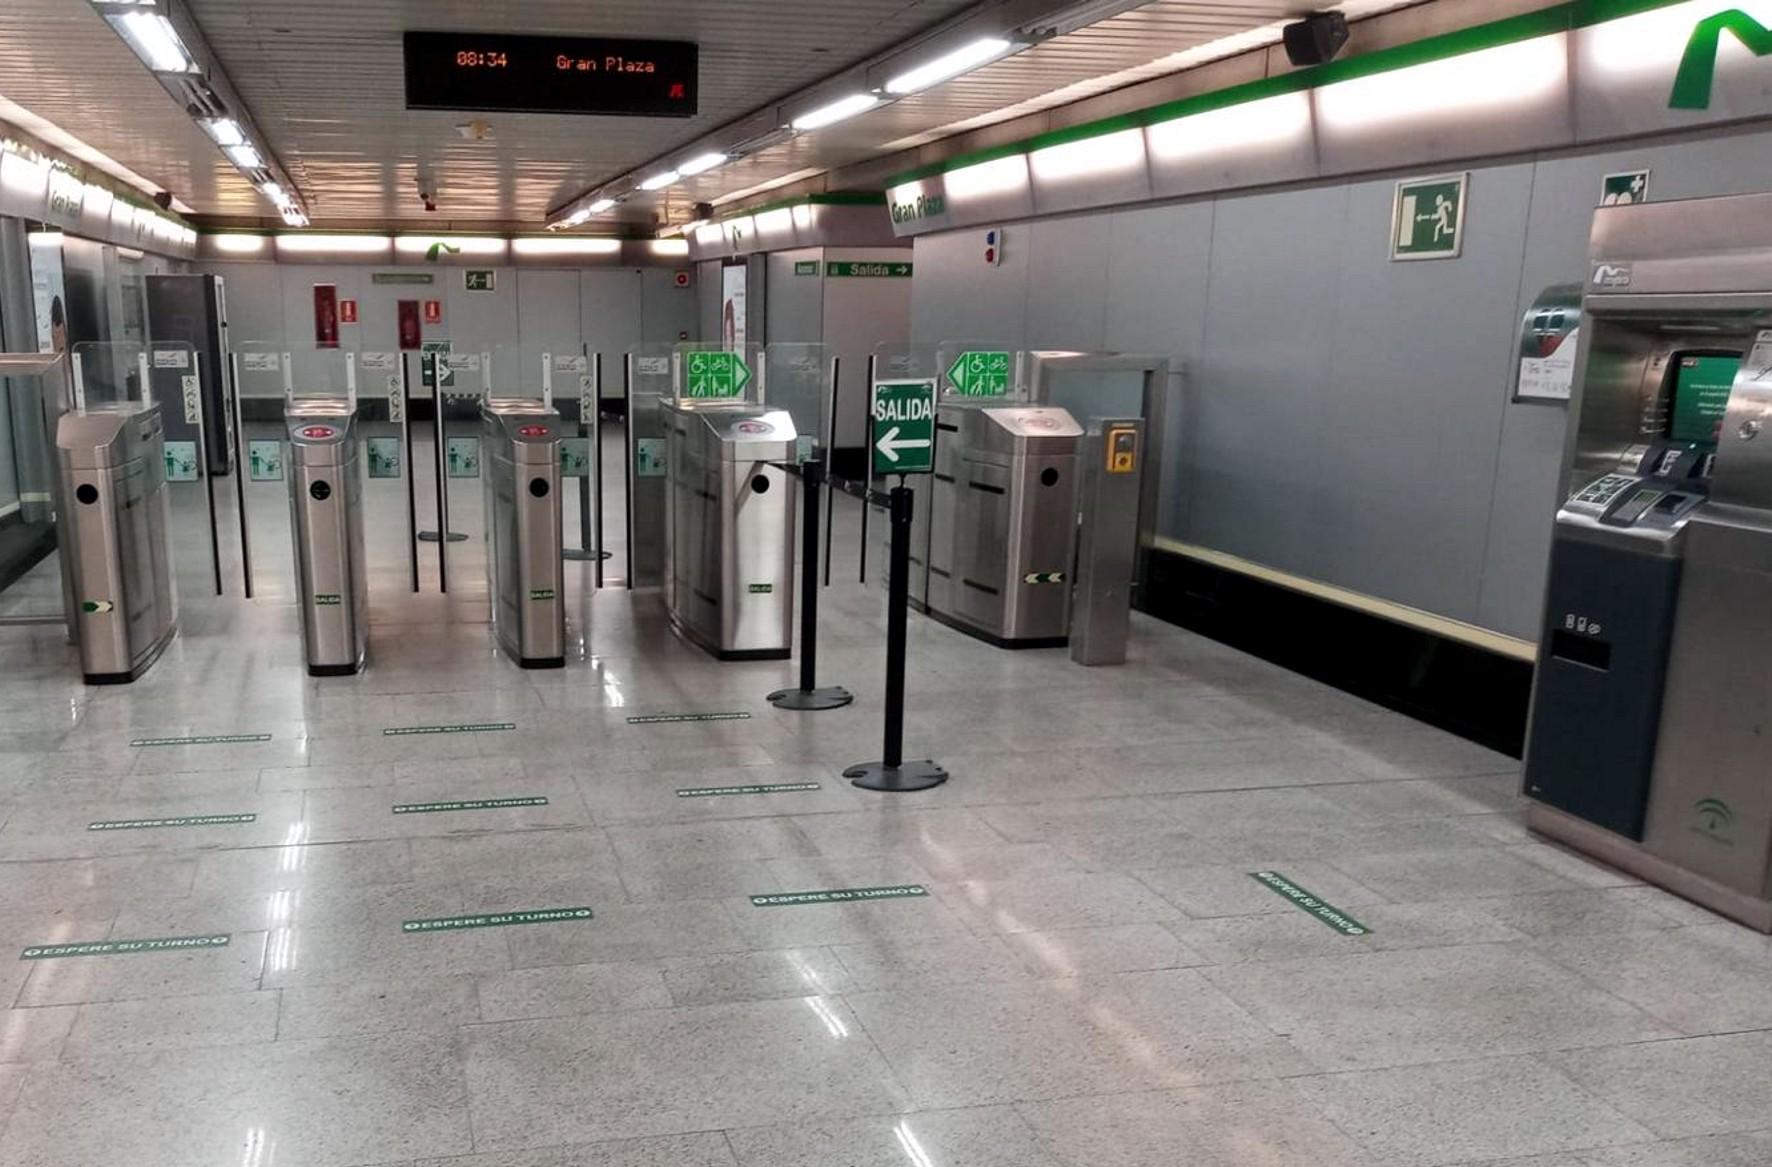 El metro de Sevilla ha reforzado su selaización.